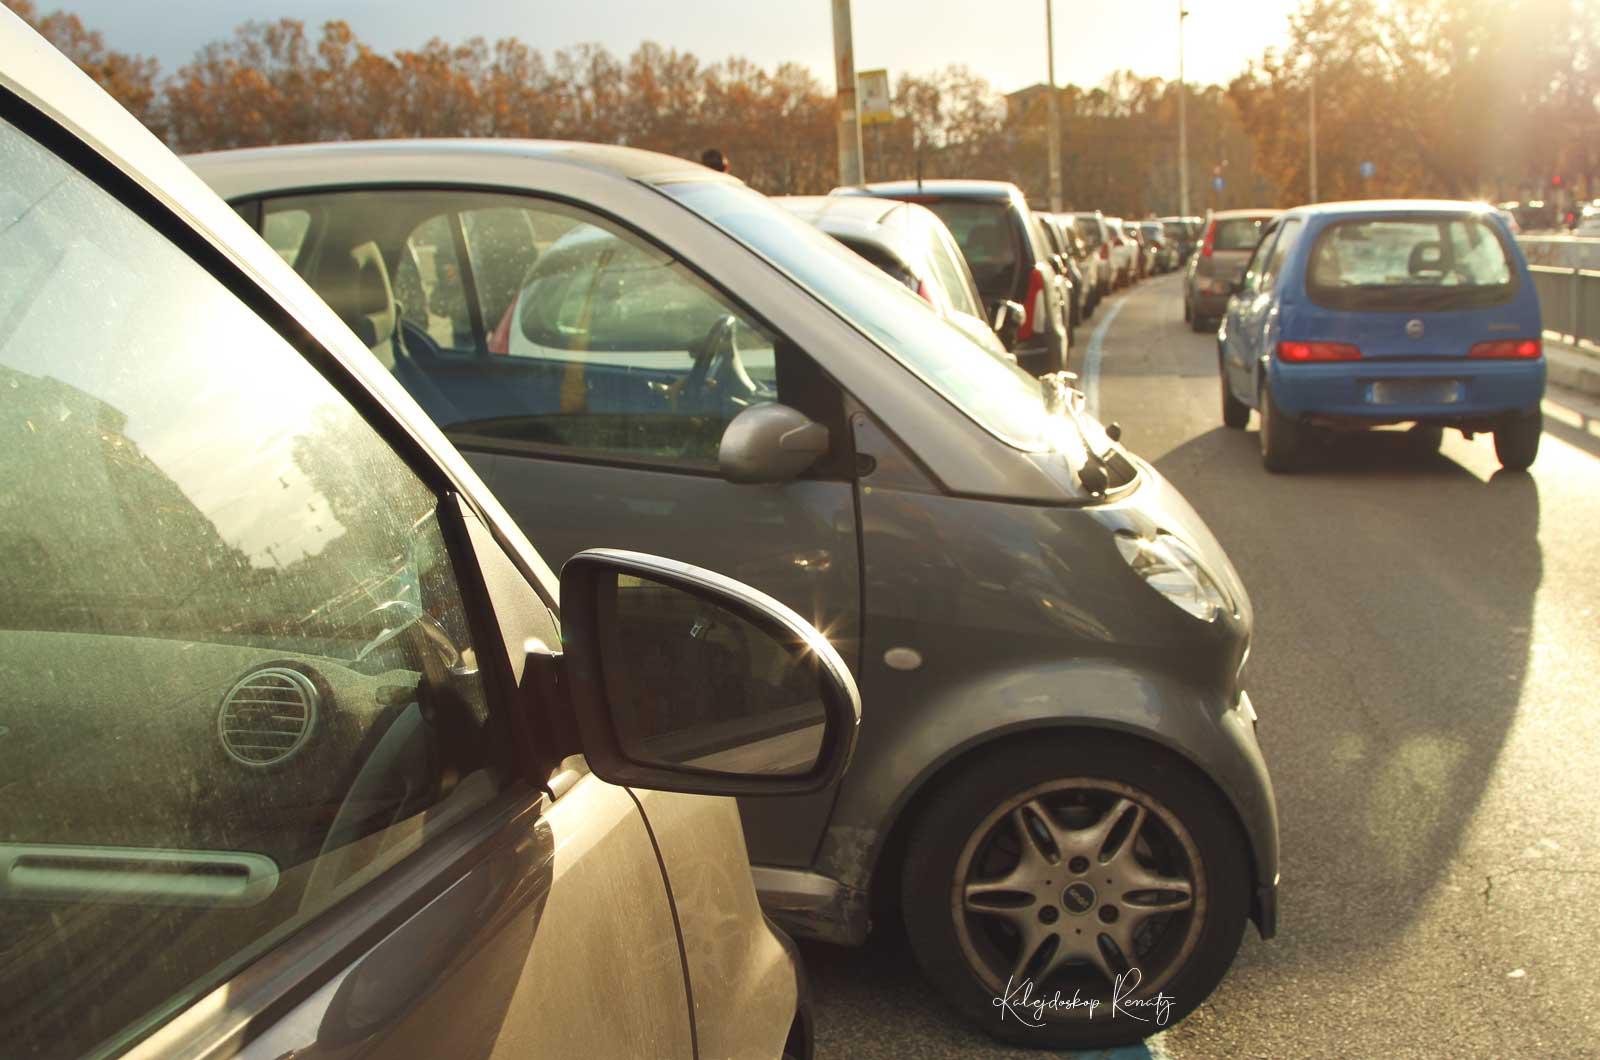 Jak parkować bezpiecznie i uniknąć mandatu? Co oznaczają kolory linii na miejscach parkingowych? Jak korzystać z parkomatów?